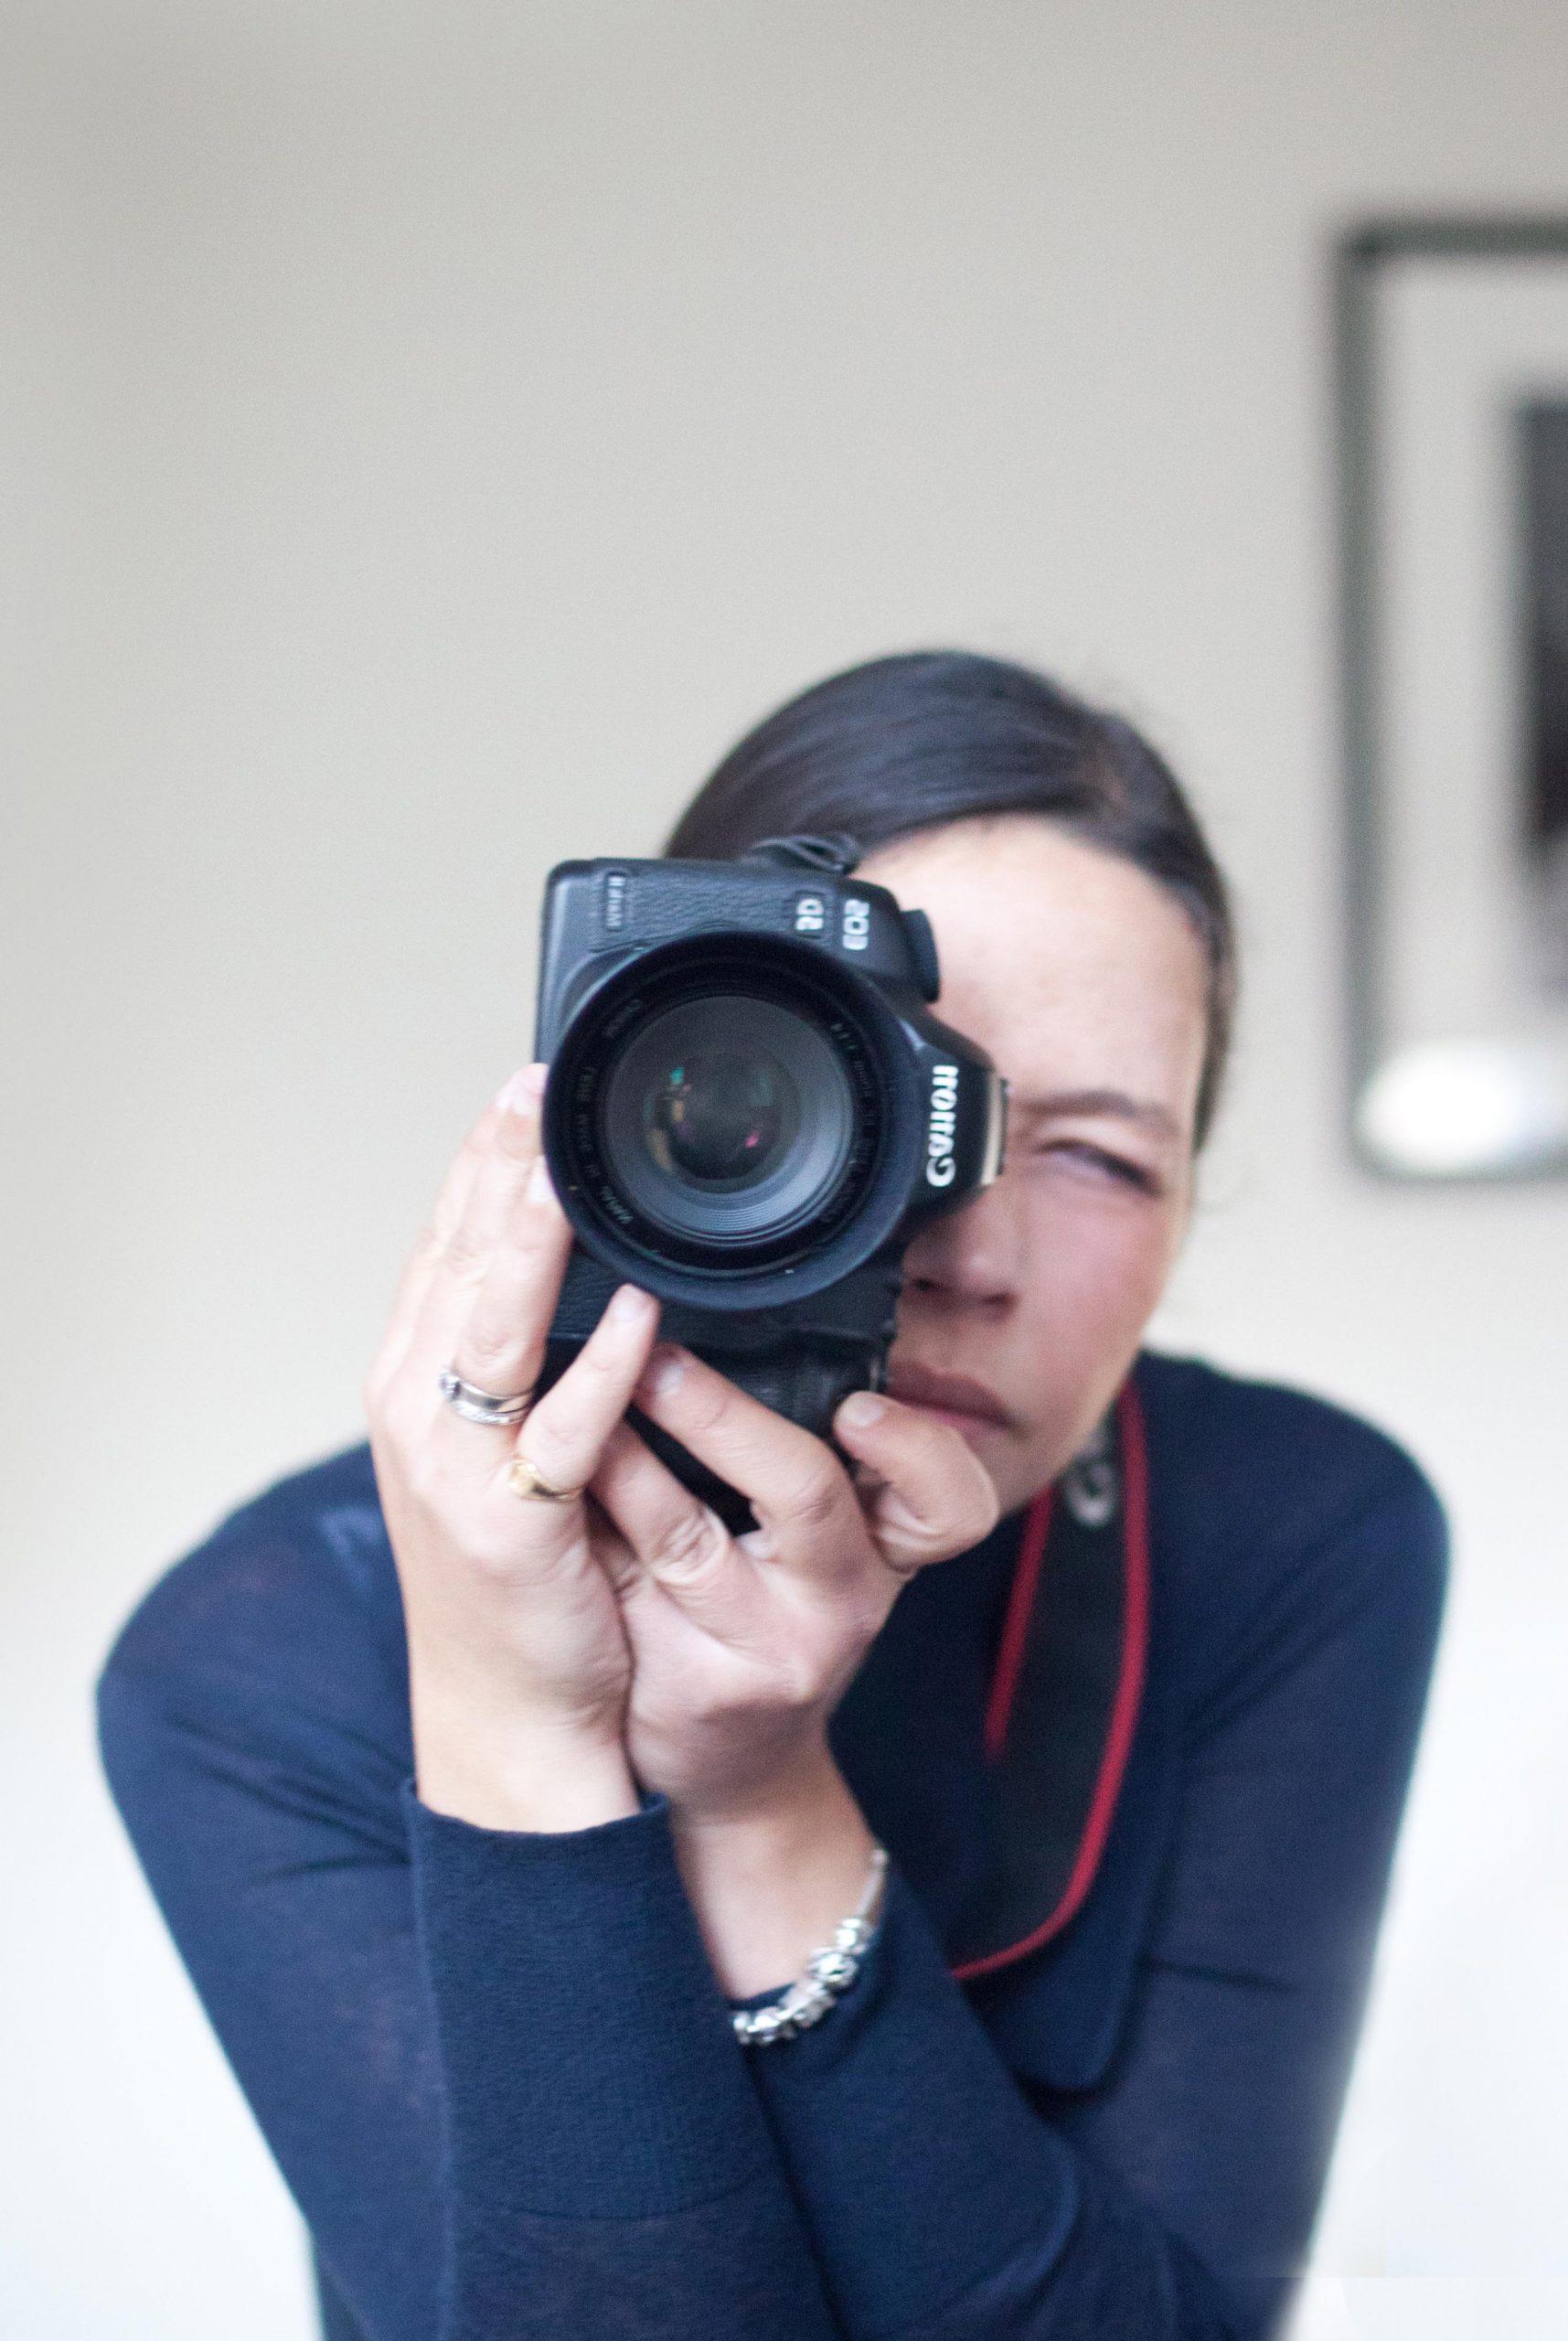 Photographe en train de prendre une photo